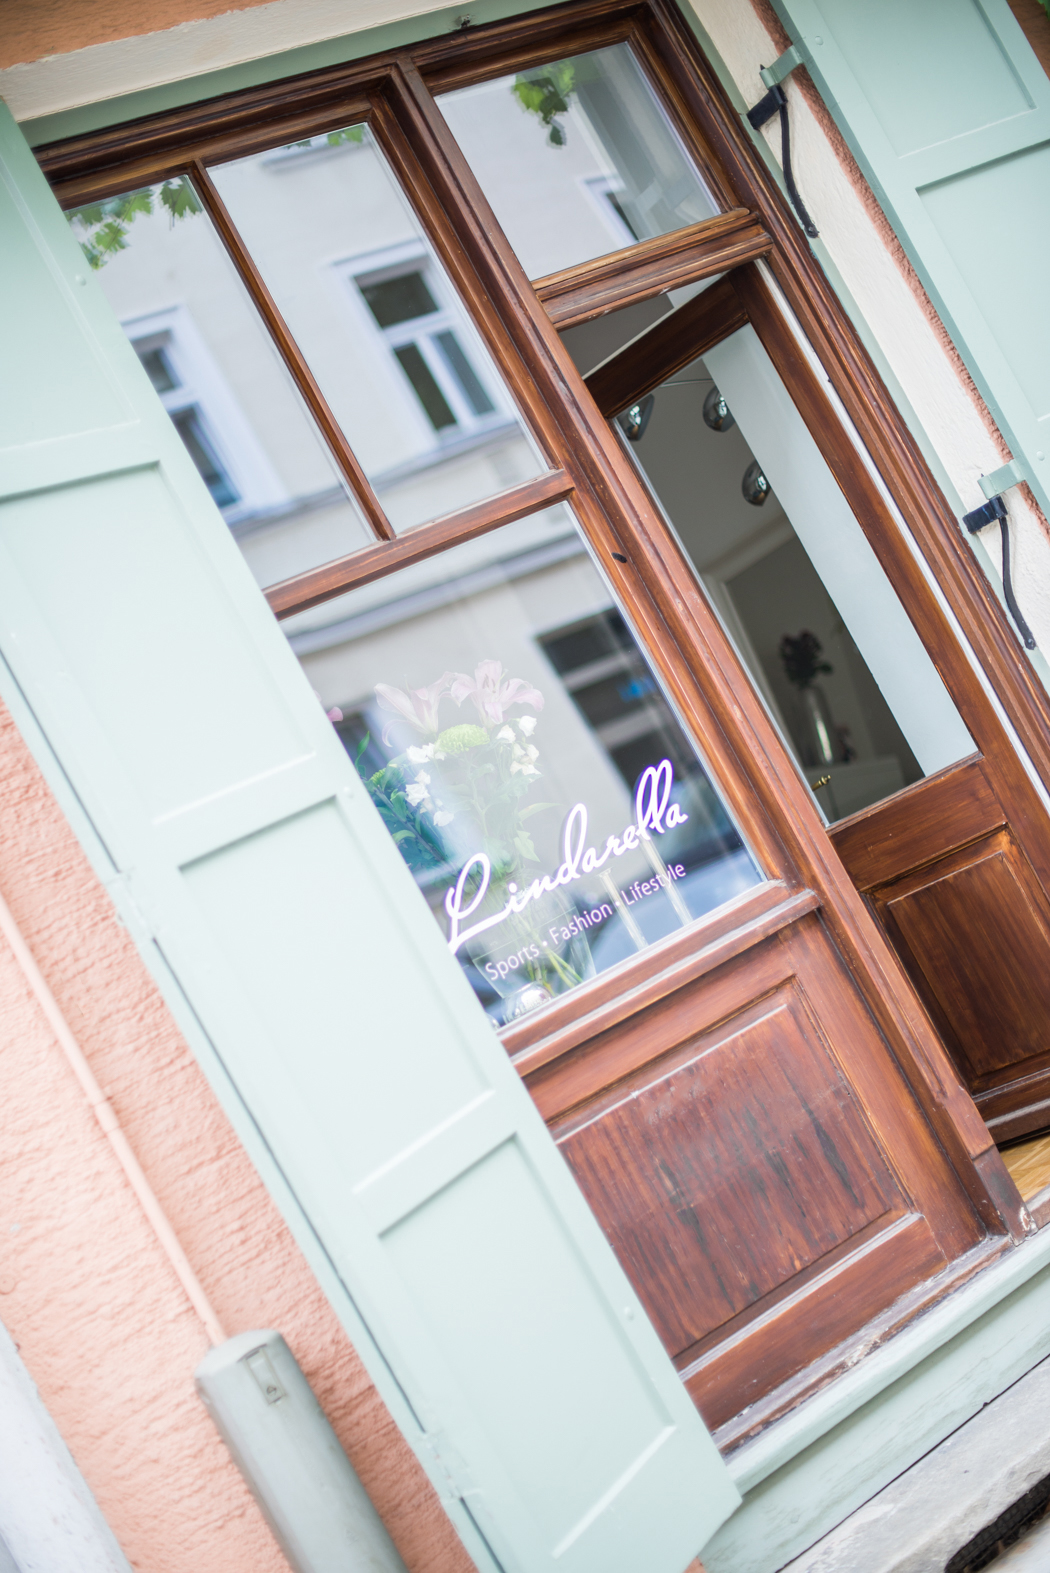 Fashionblog-Fashionblogger-Fashion-Blog-München-Deutschland-Munich-Lindarella-Linda-Rella-Büro-Arbeitszimmer-Interior-Interieur-Office-10